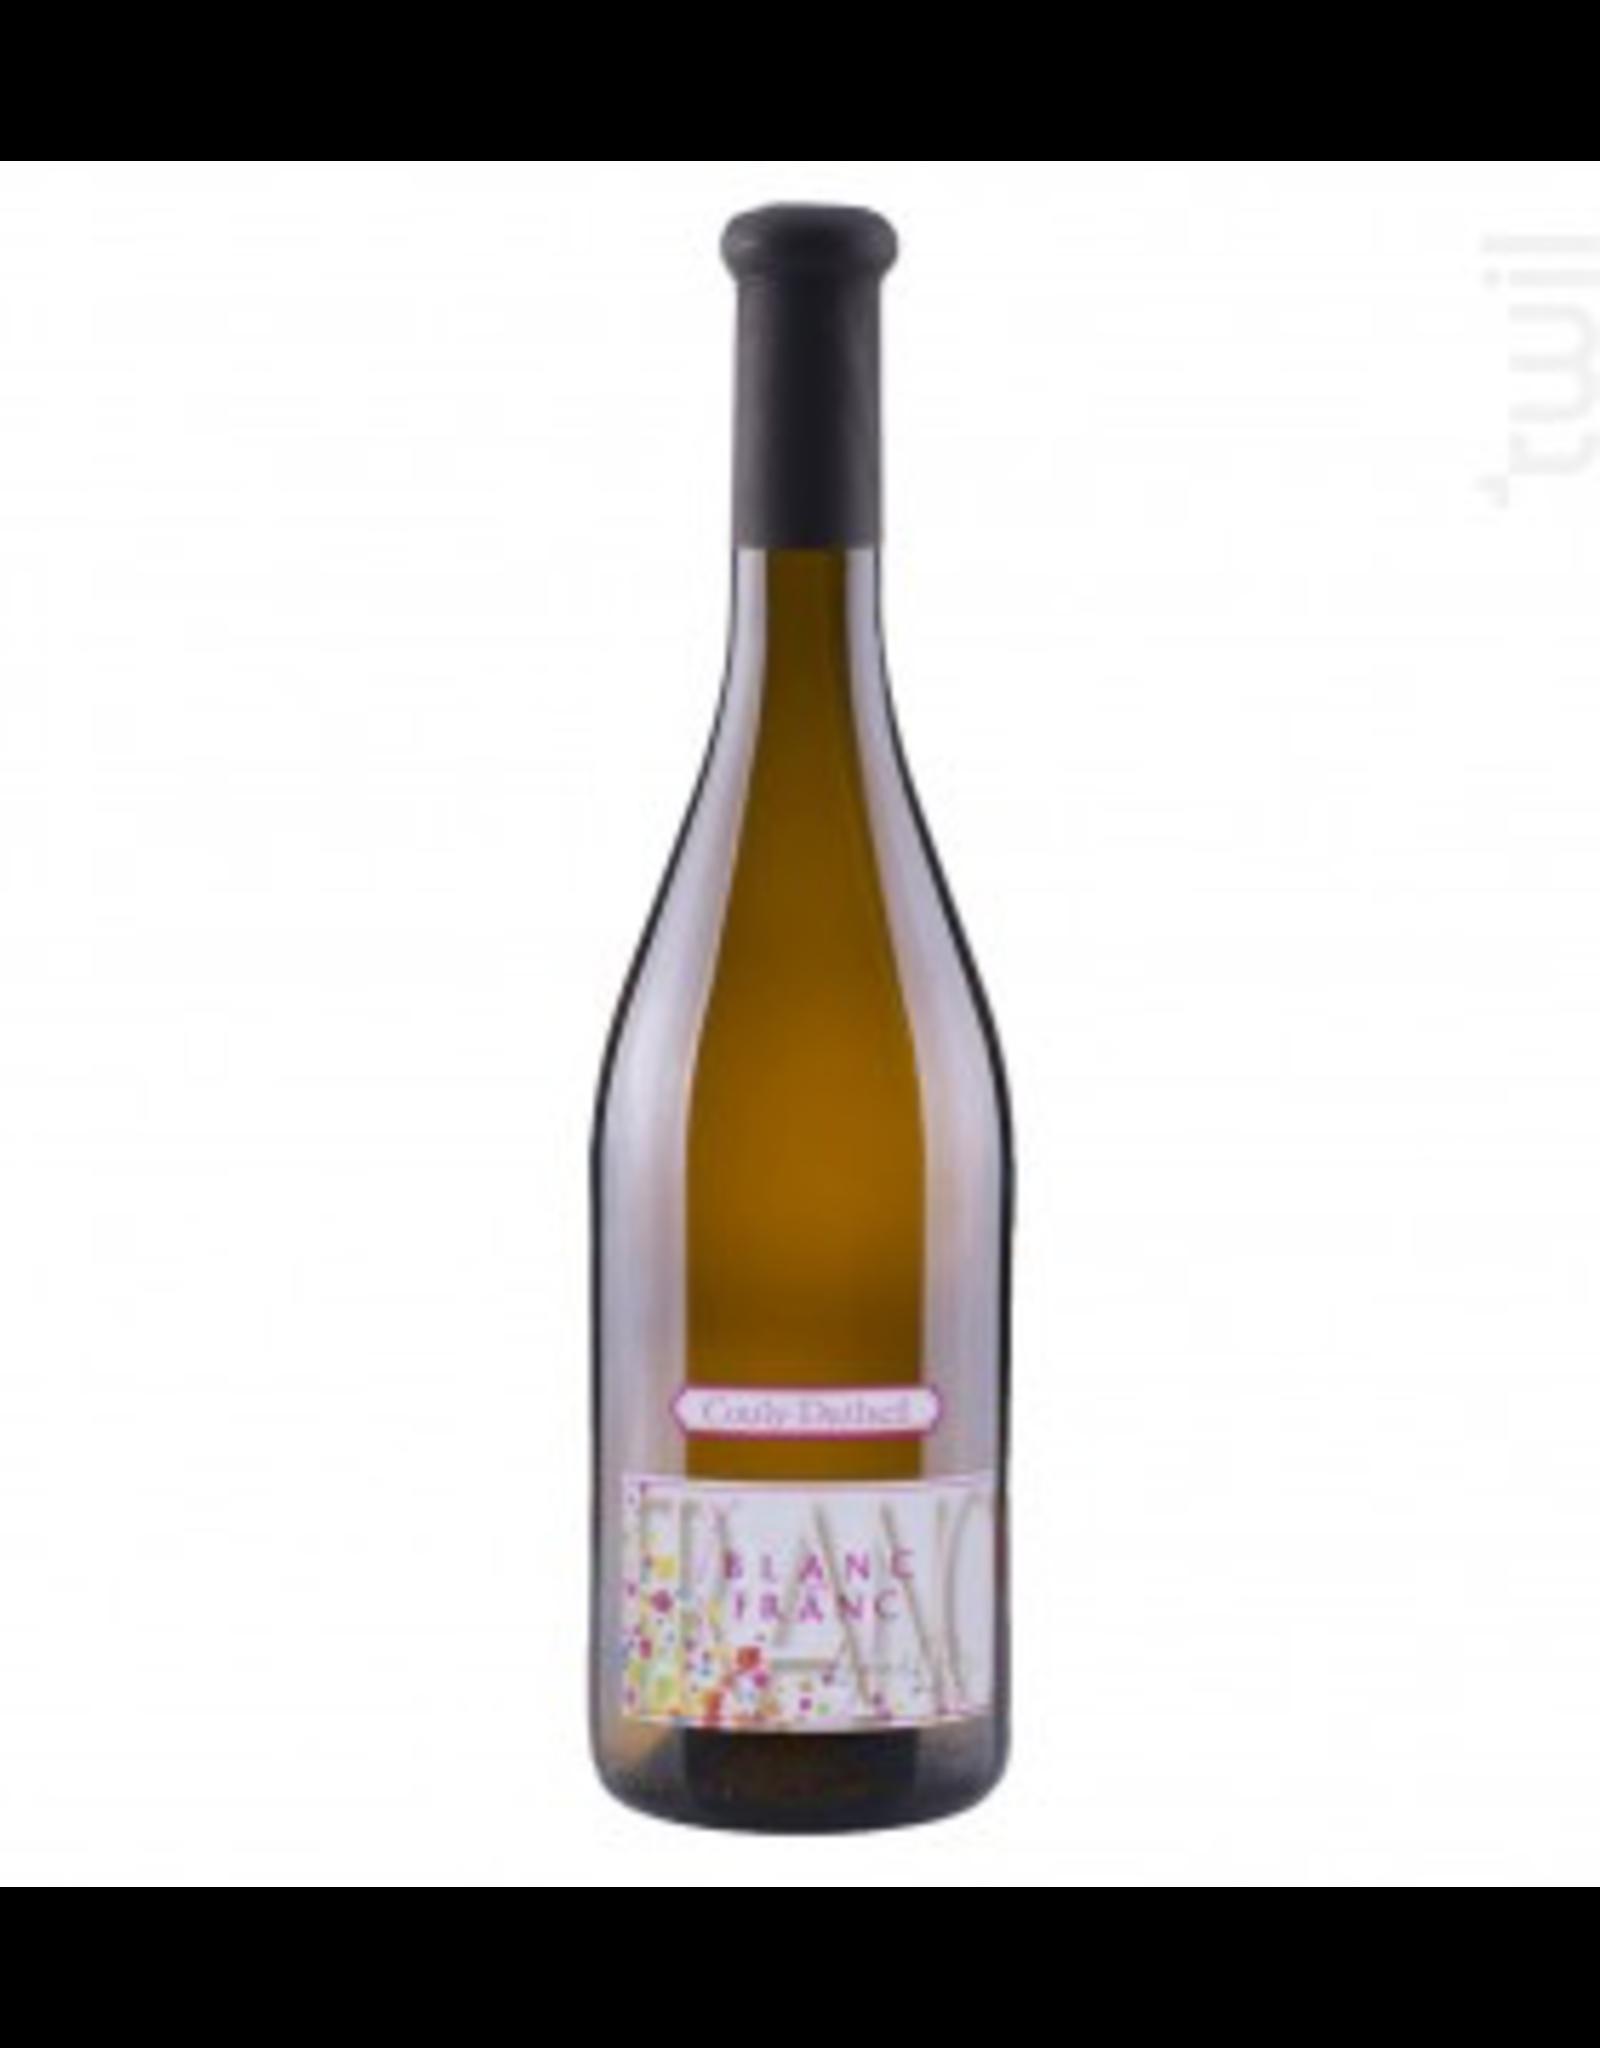 Rose Wine 2018, Couly Dutheil Blanc de Franc Rose, Cabernet Franc, Chinon, Loire Valley, France, 14.5% Alc, CTnr, TW92